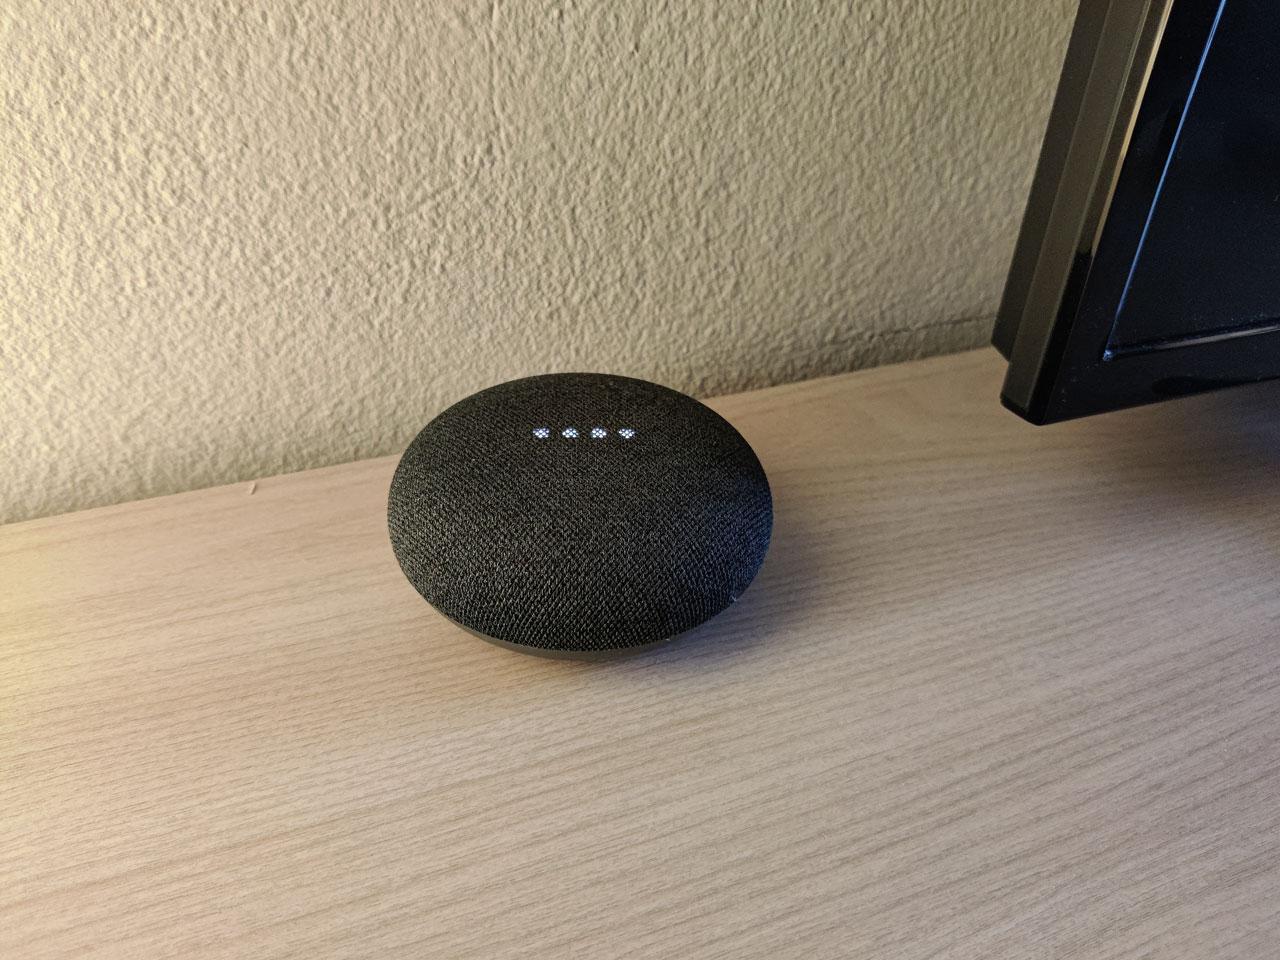 Come Impostare Un Segnale Acustico Quando Gli Smart Speaker Google Sono In Ascolto